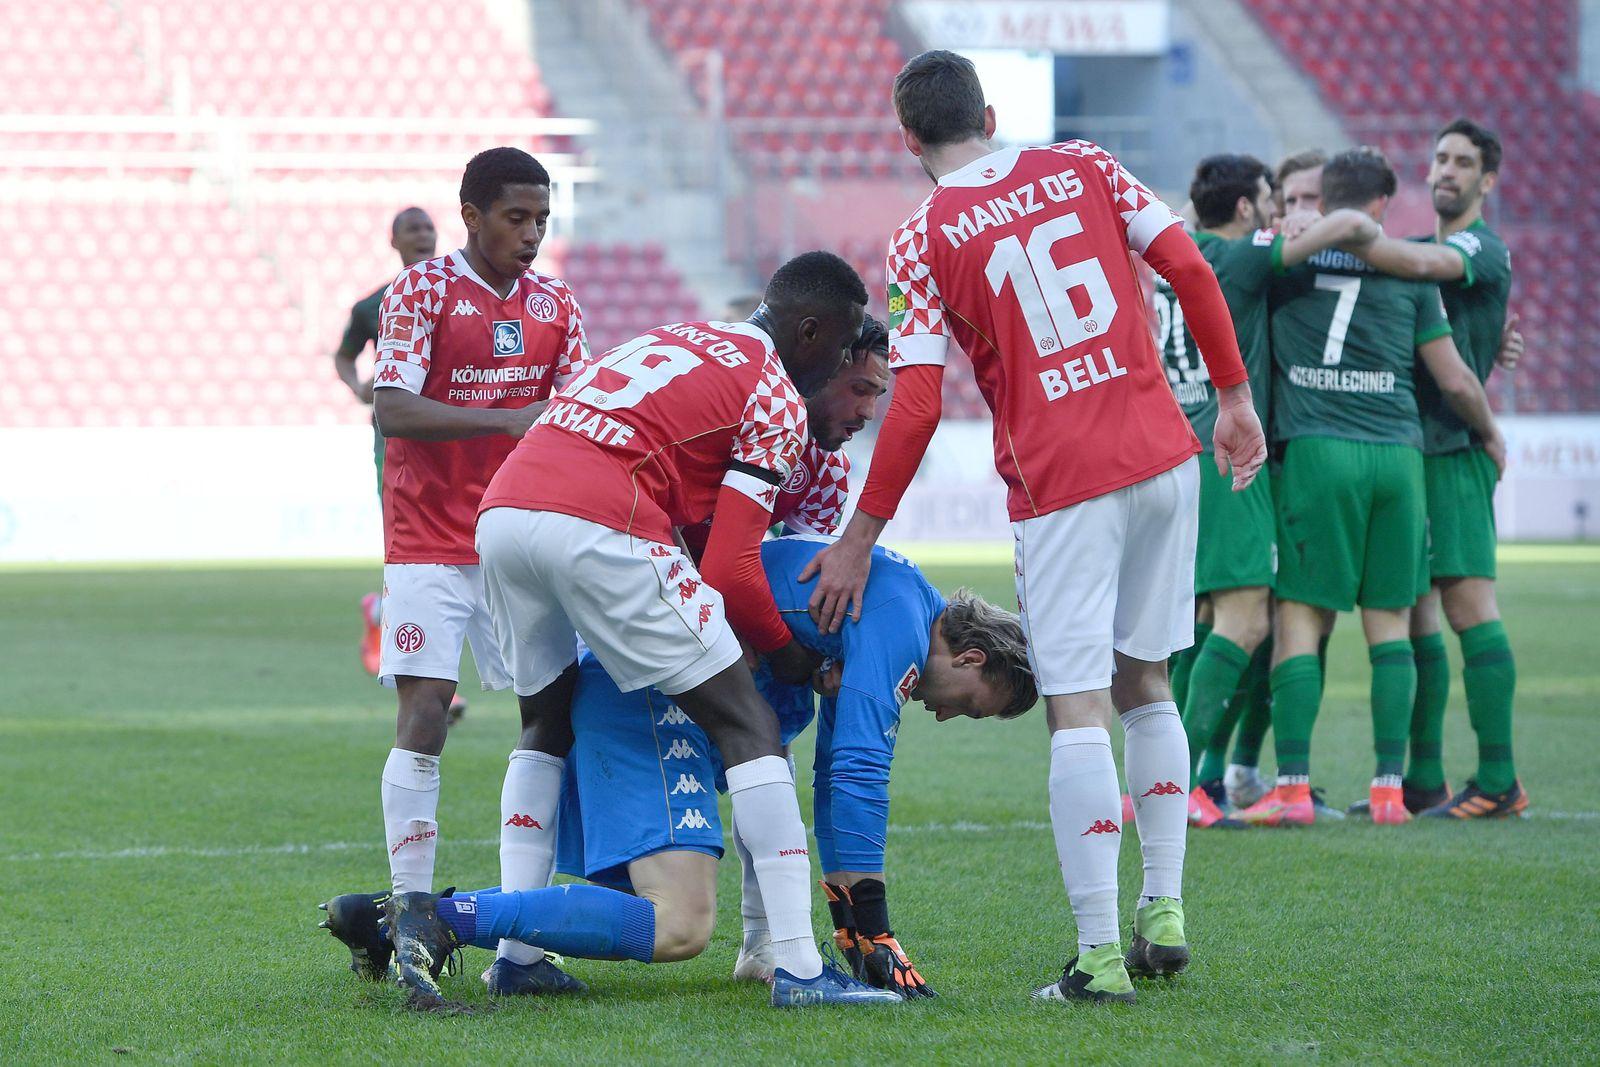 Fußball 1. Bundesliga 23. Spieltag 1. FSV Mainz 05 - FC Augsburg am 28.02.2021 in der Opel Arena in Mainz Mainzer Spiel